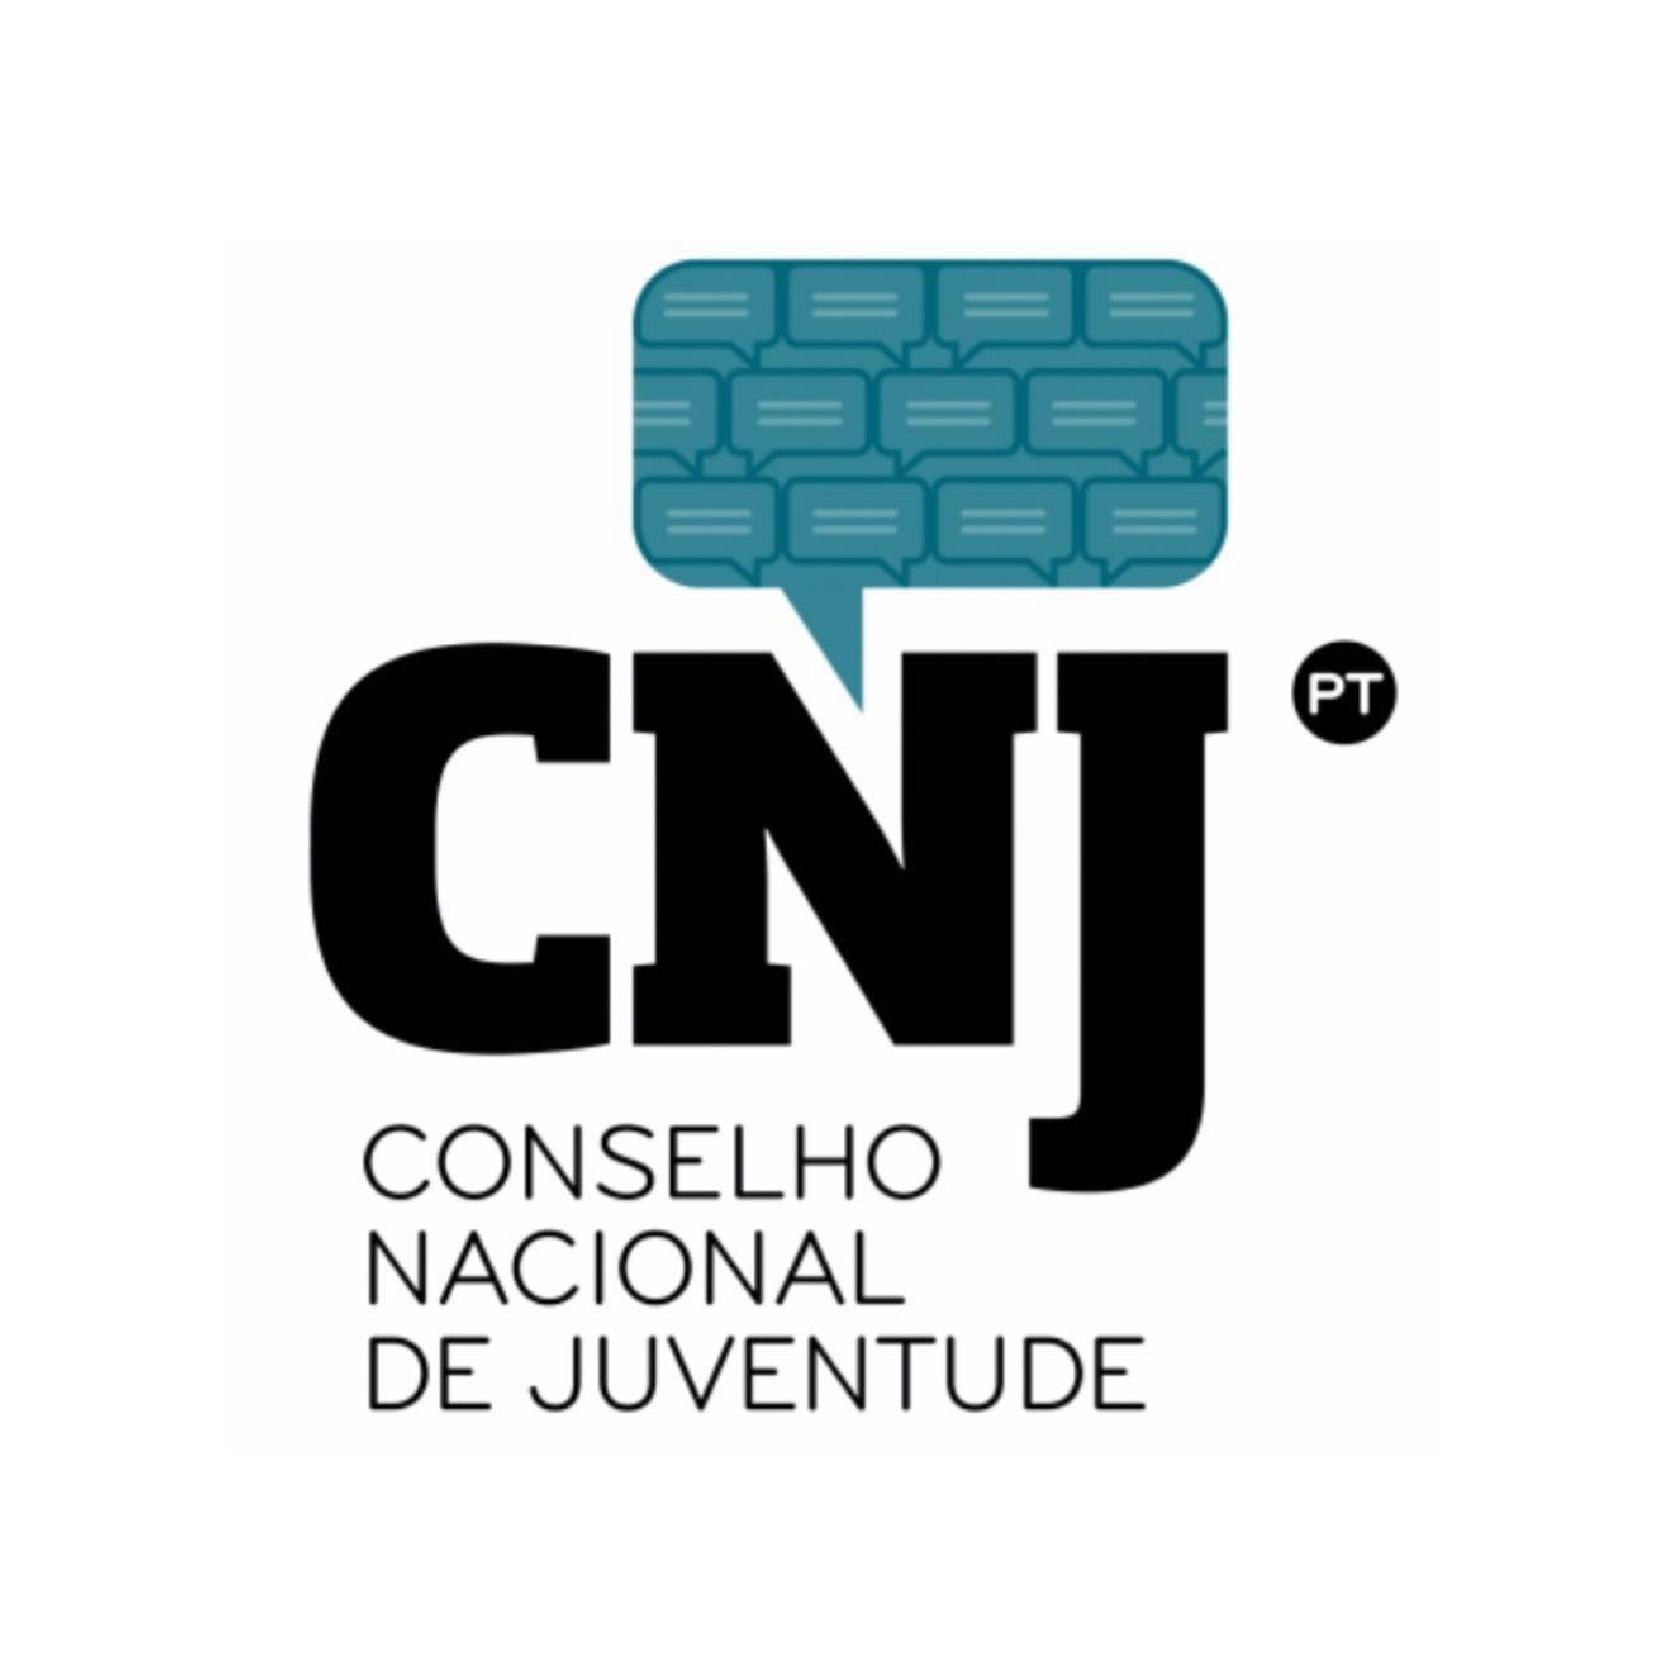 Conselho Nacional da Juventude